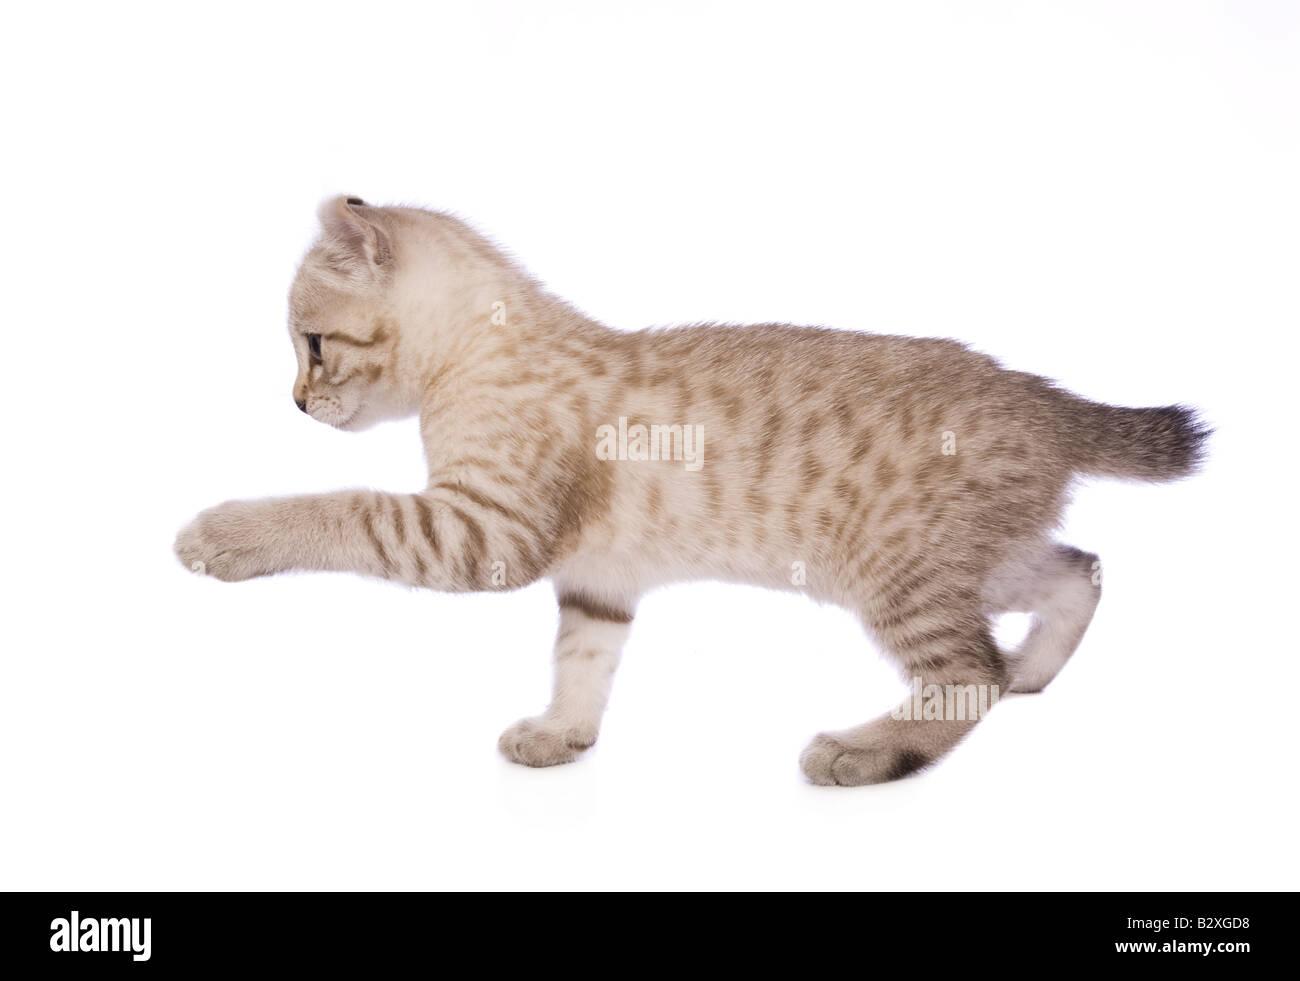 Süße Bobtail Kätzchen spielt mit Pfote, Sideview isoliert auf weißem Hintergrund Stockbild